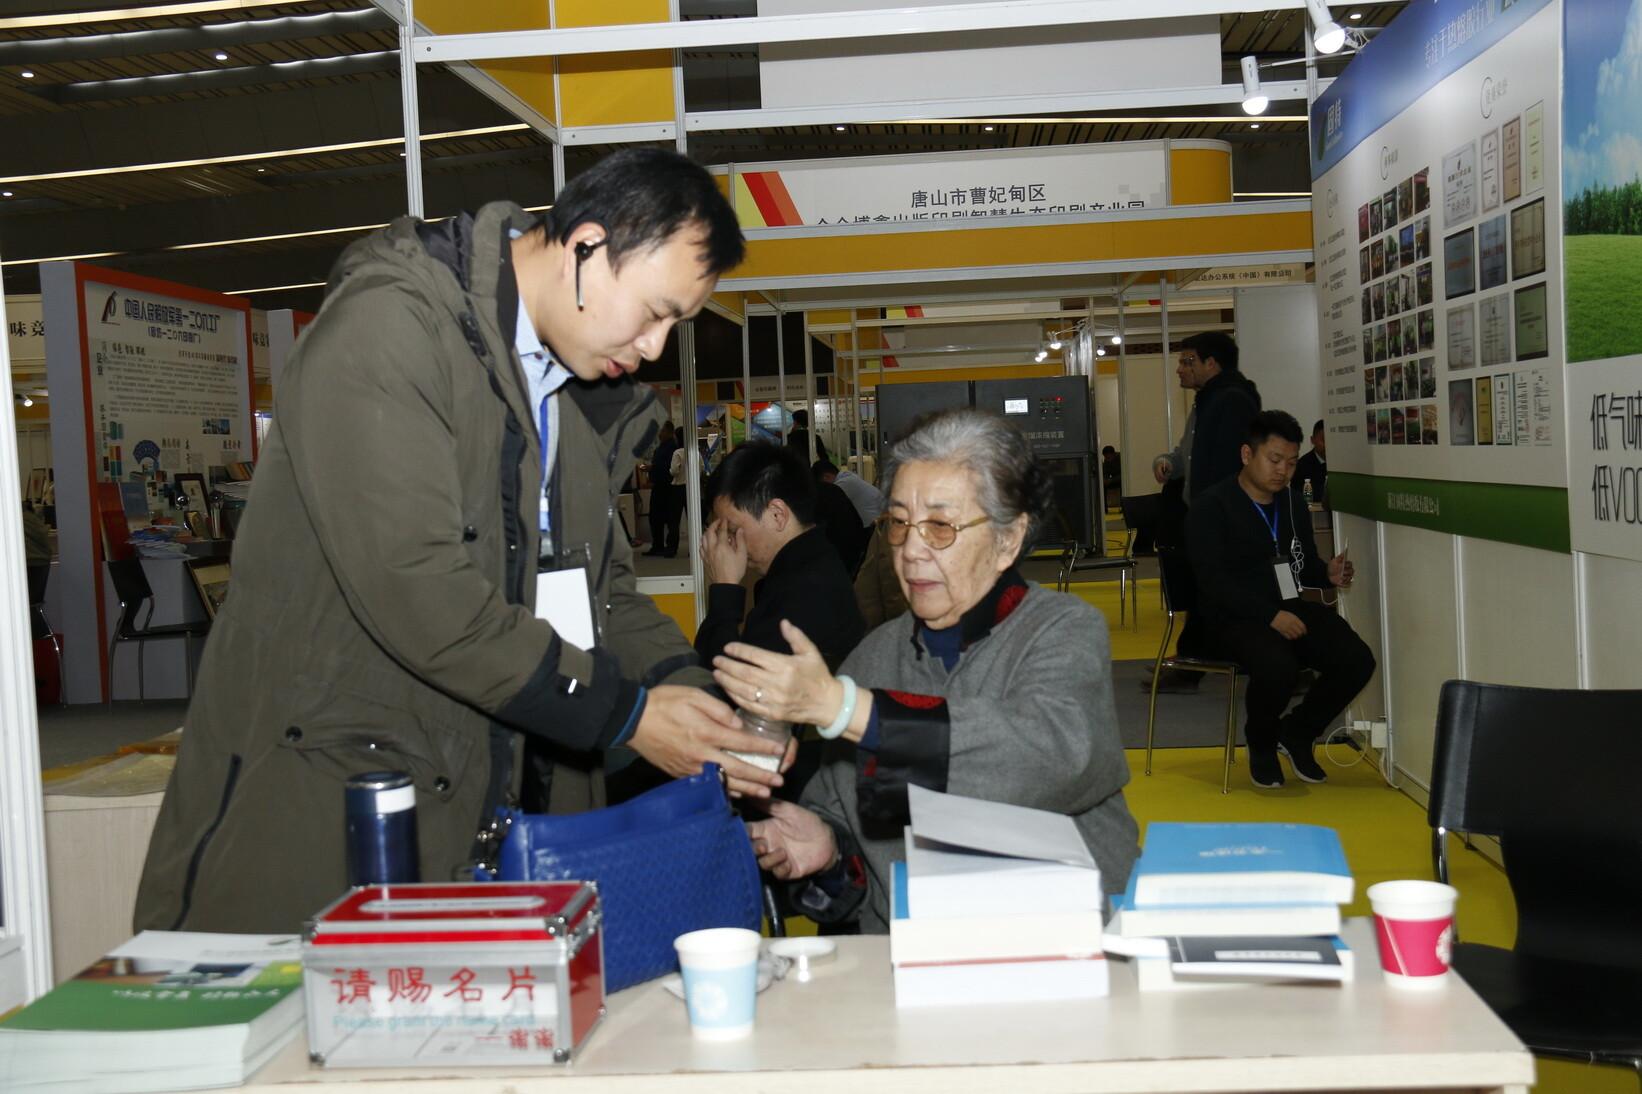 2018京津冀协同发展绿色印刷产业促进商务交流会——现场图片